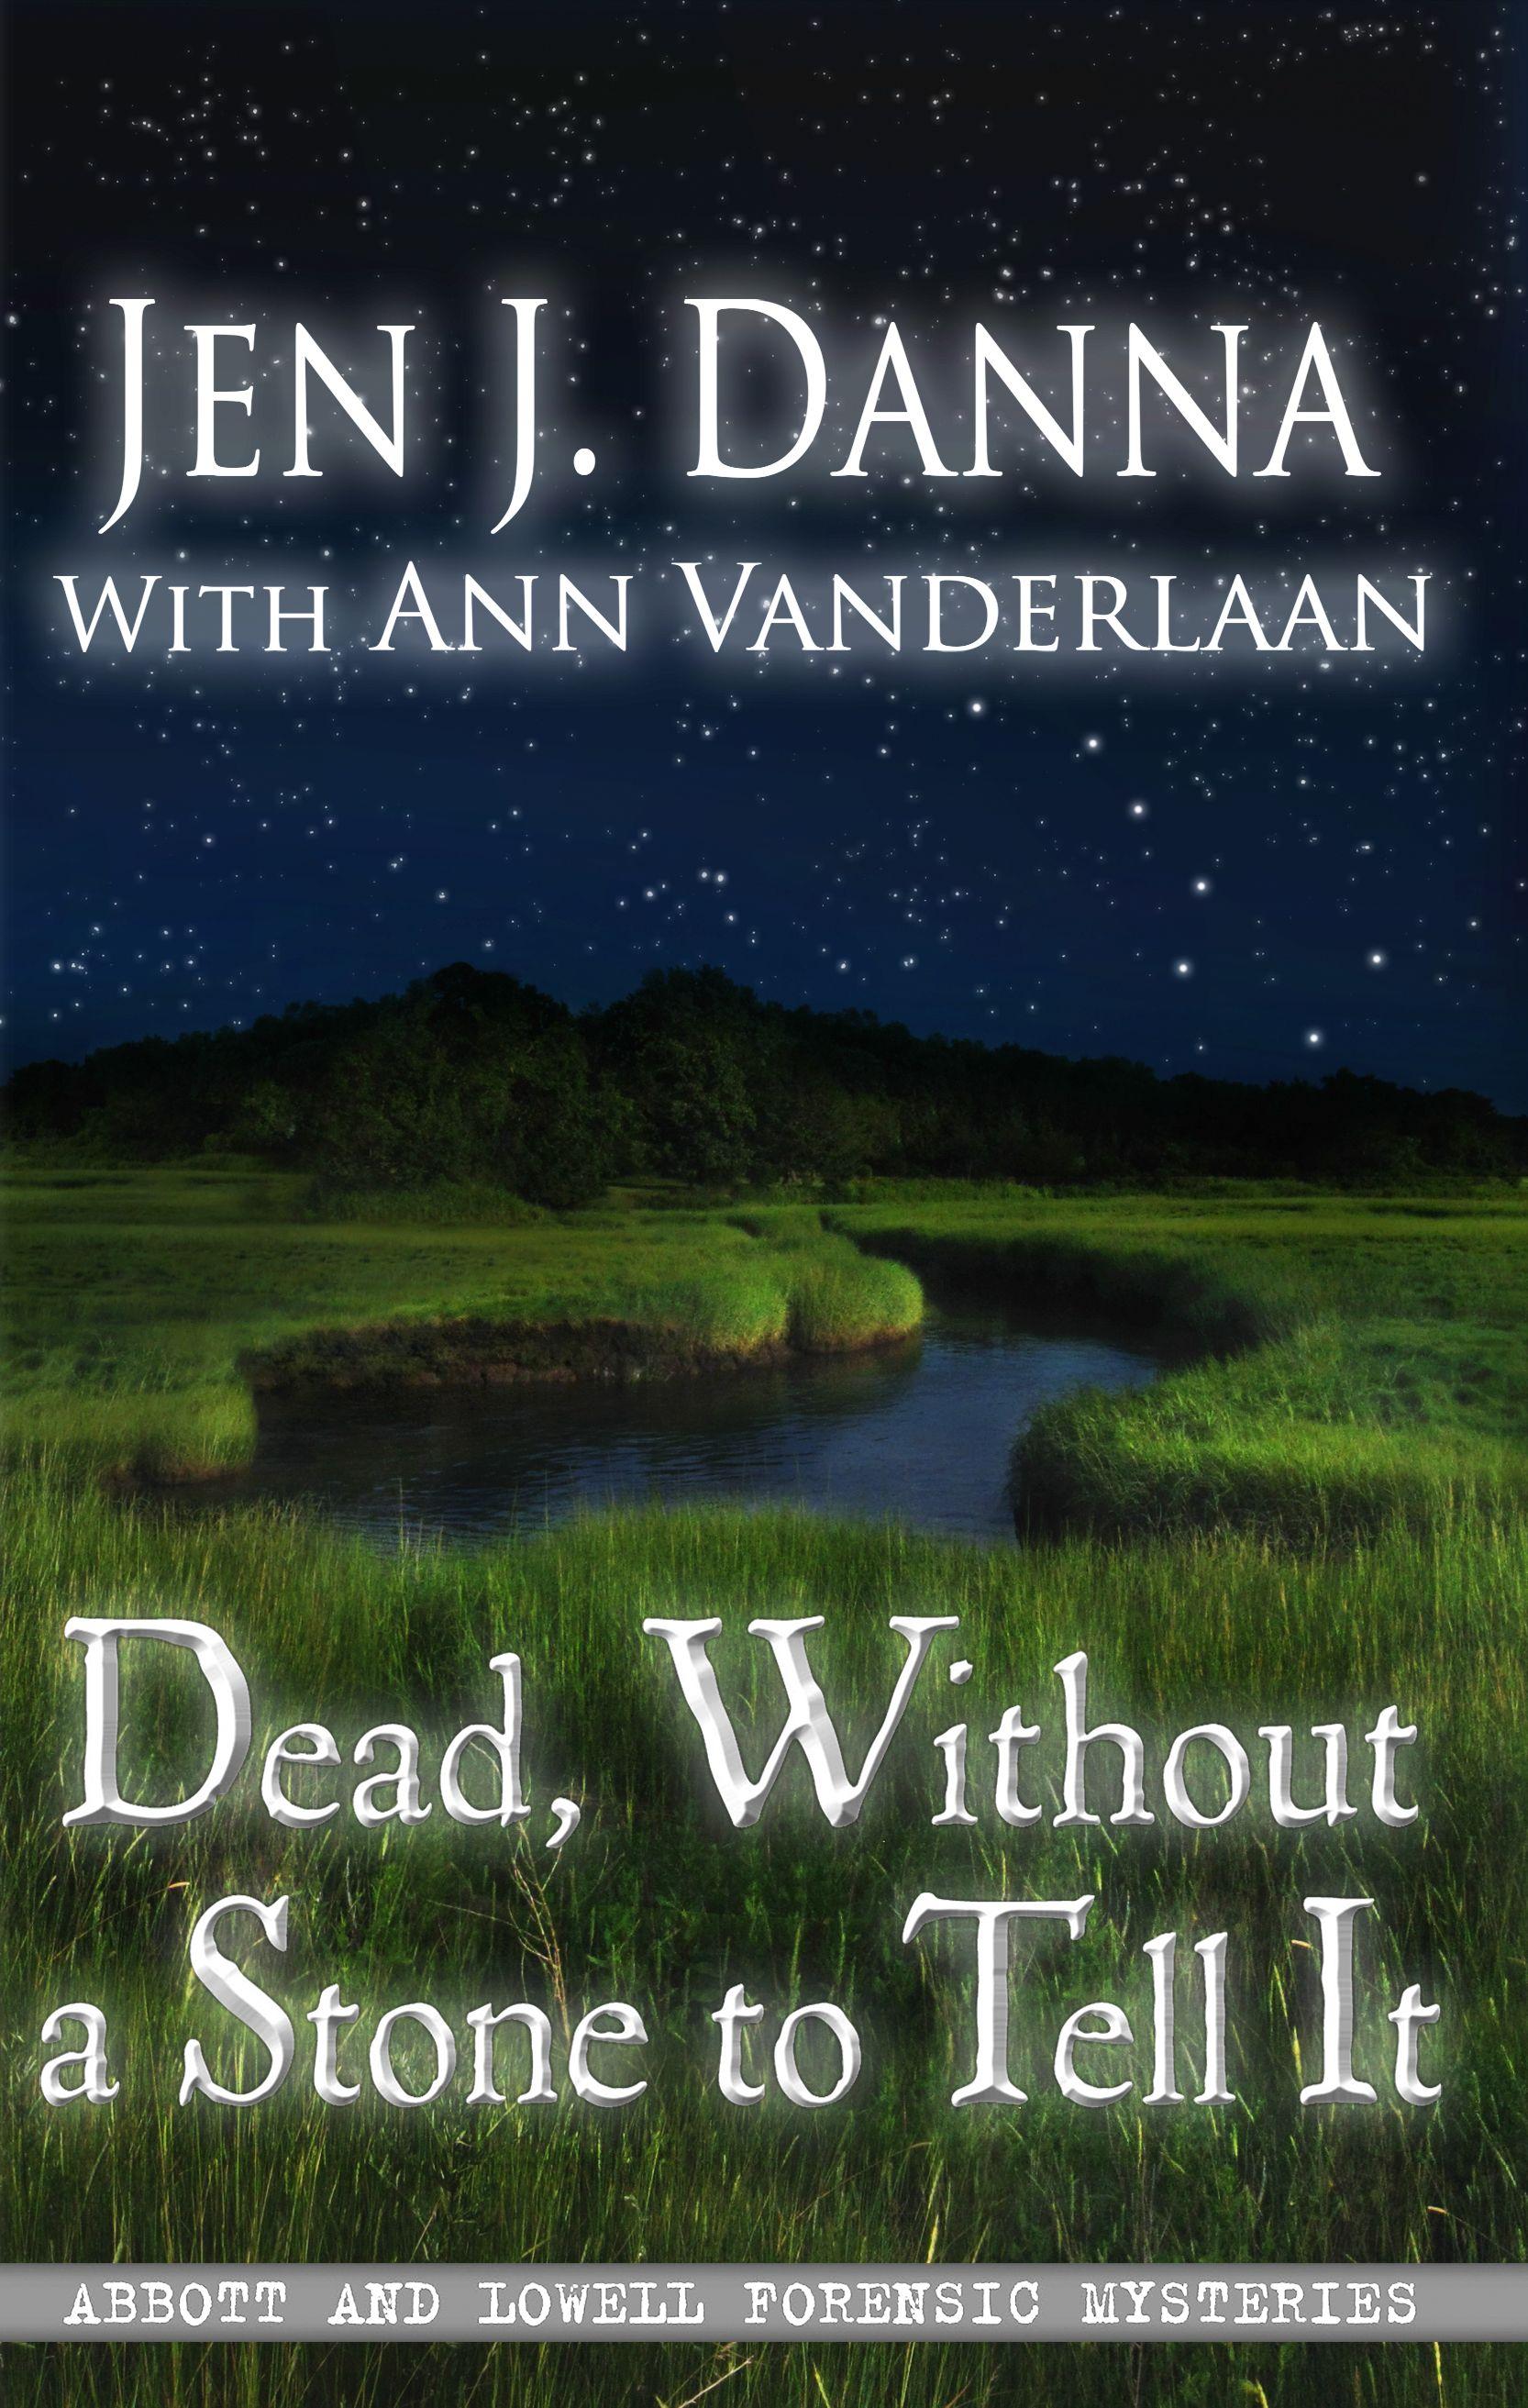 DEAD COVER FINAL - 3 (light) ebook.jpg